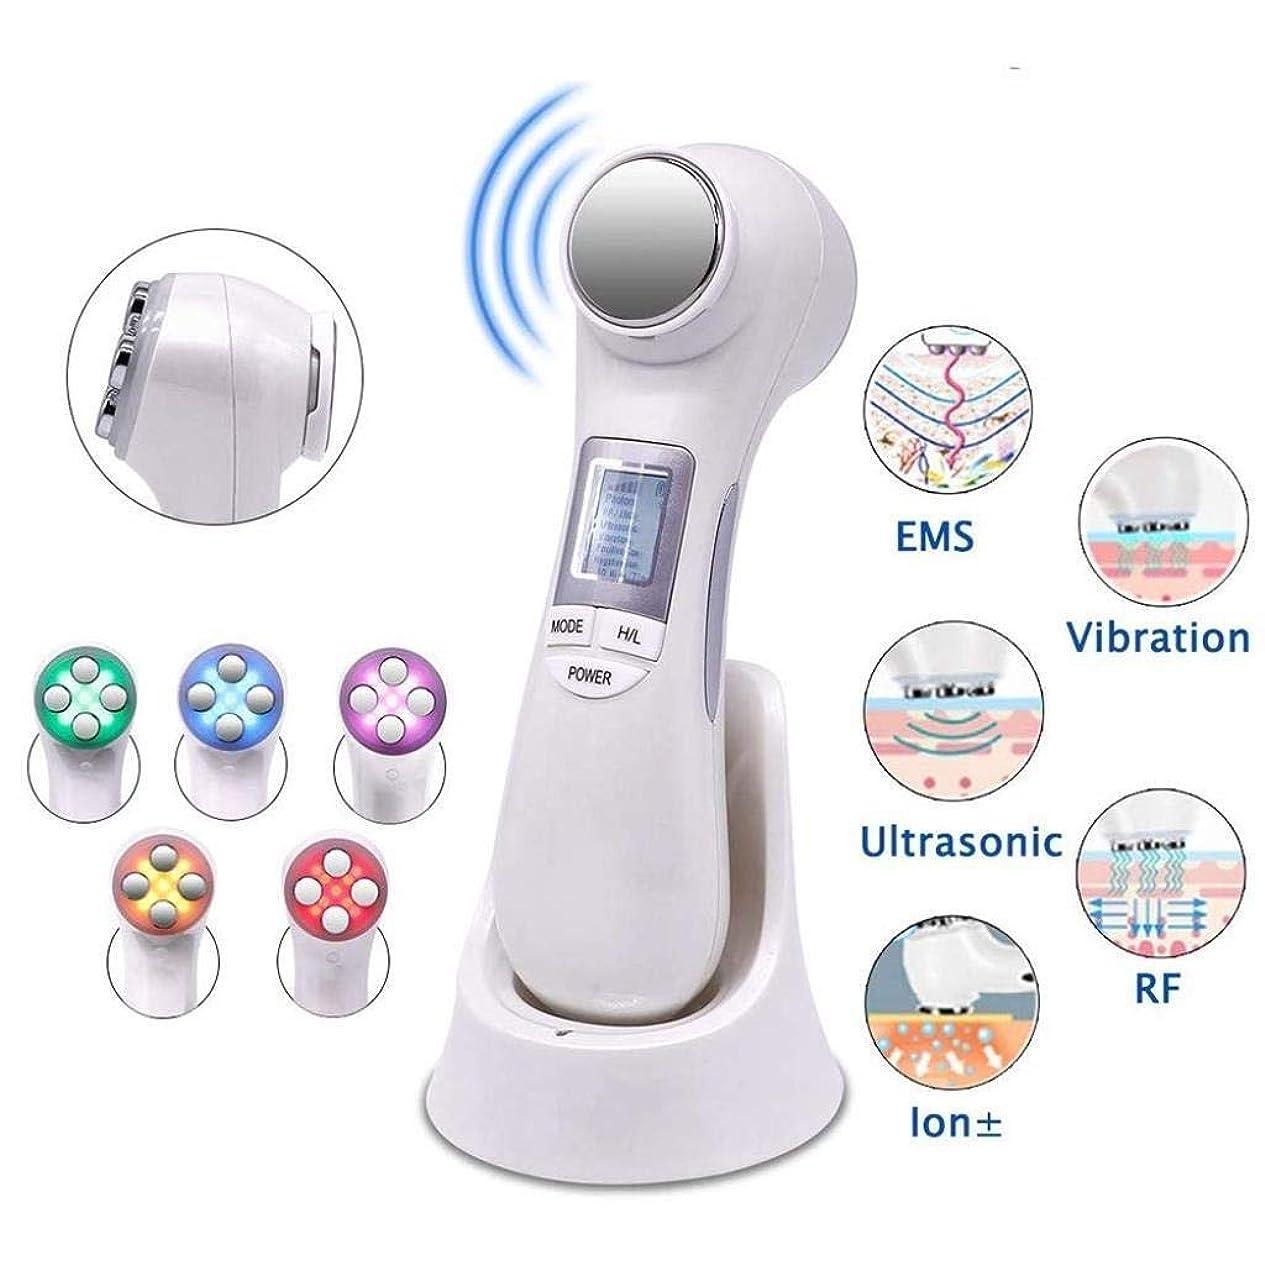 以来カッター散る顔の清潔にする皮のしっかりとしたマッサージ装置、1つのRF EMS超音波振動イオンに付き6つ。活性化、クレンジング、滑らかな細線